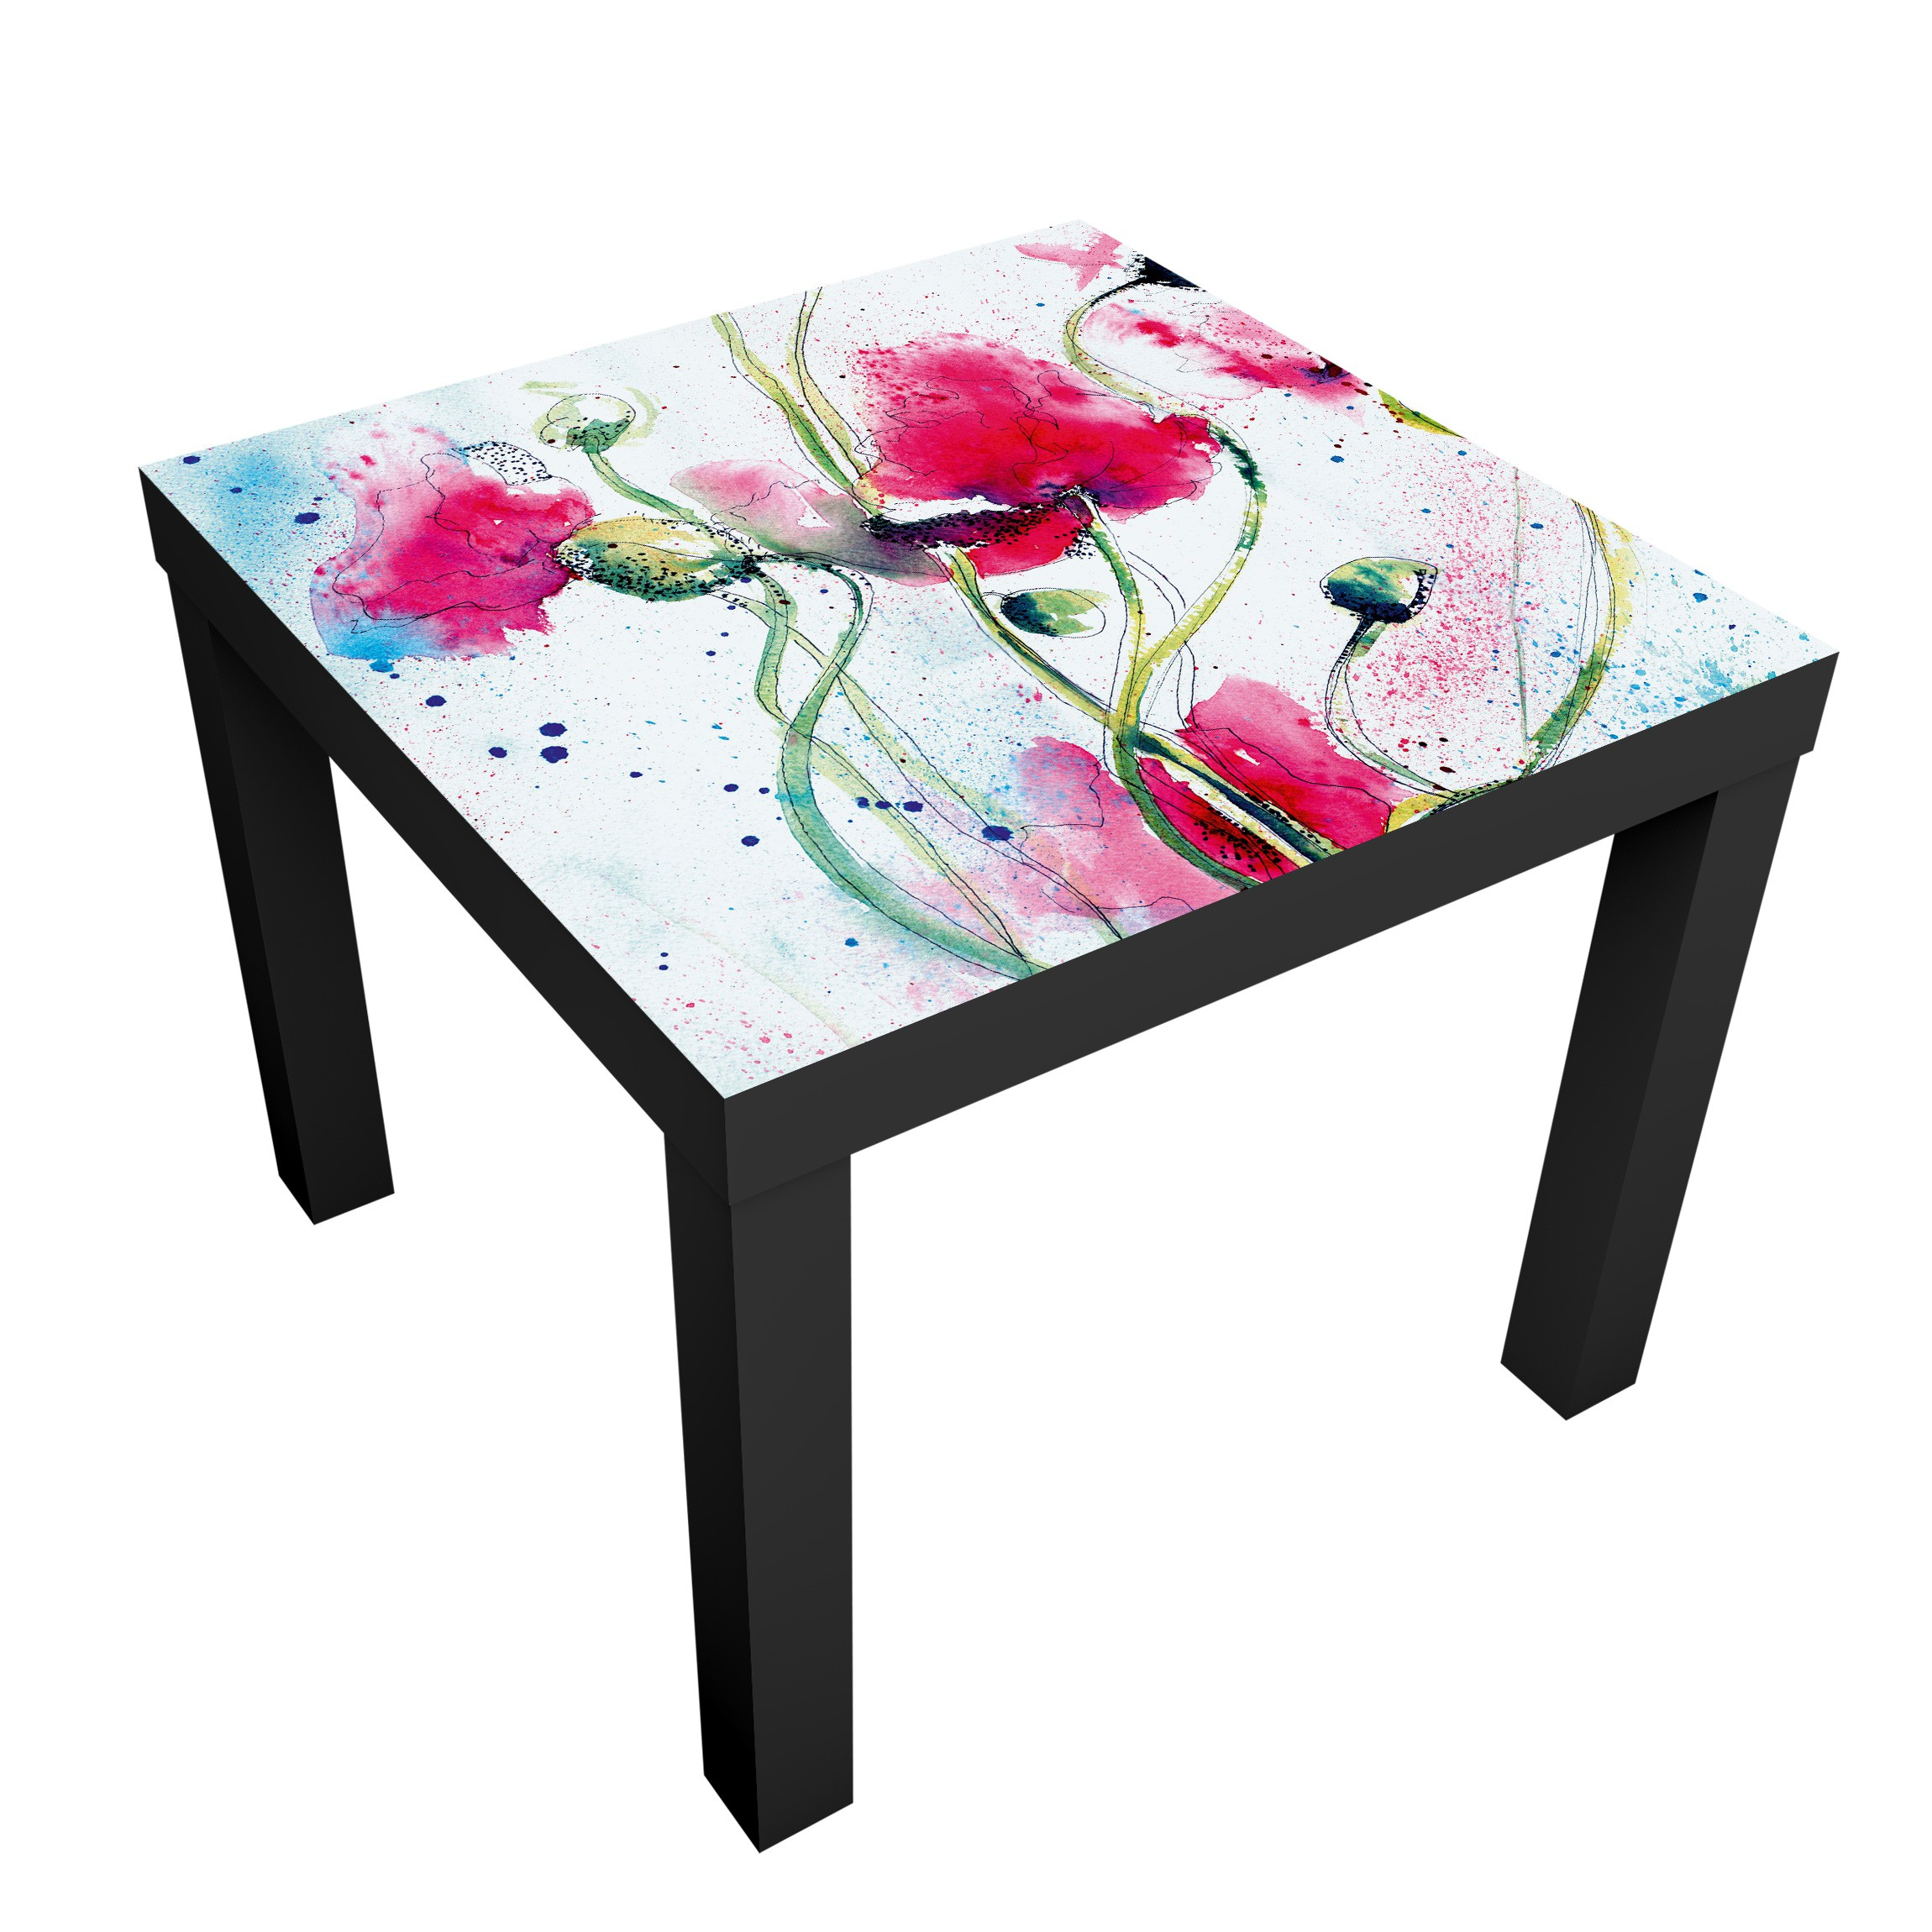 Carta adesiva per mobili ikea lack tavolino painted poppies - Carta per coprire mobili ...